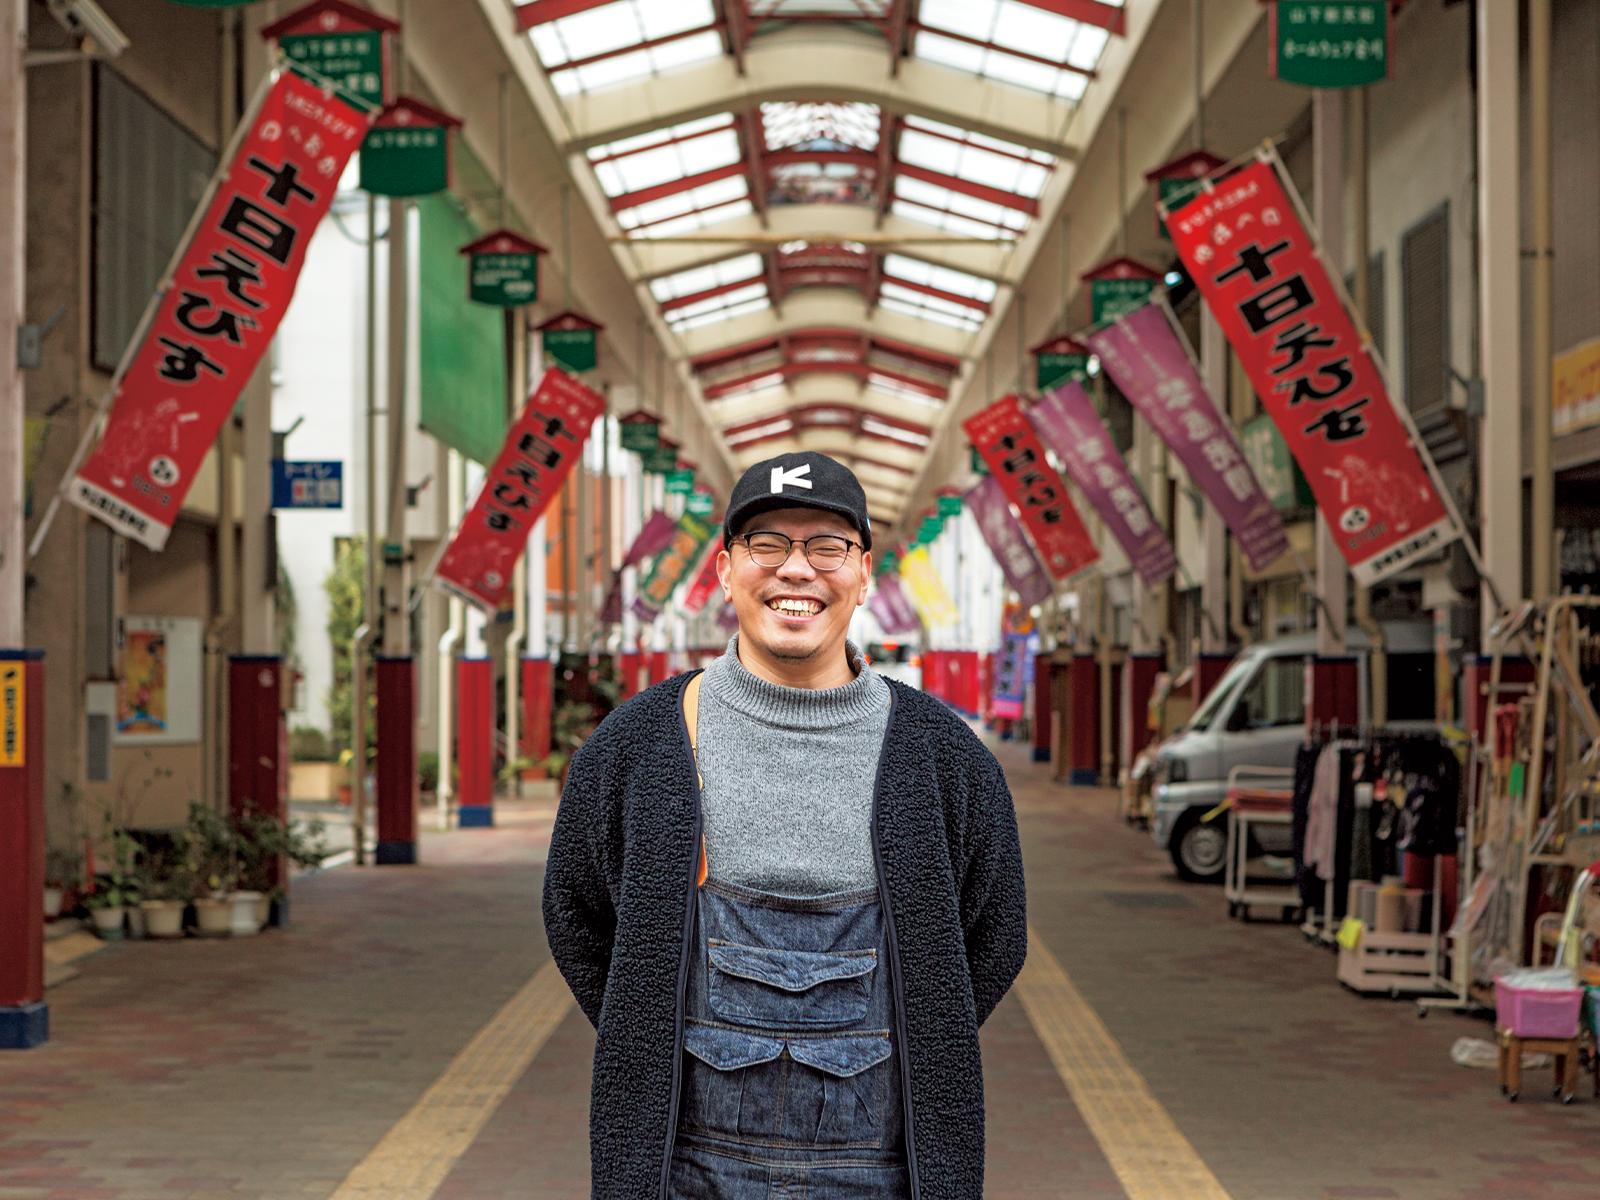 『n計画』近くの商店街に経つ甲斐さん。市外から来た人に見どころ、おもしろさを伝えながら市内を案内することも増えた。